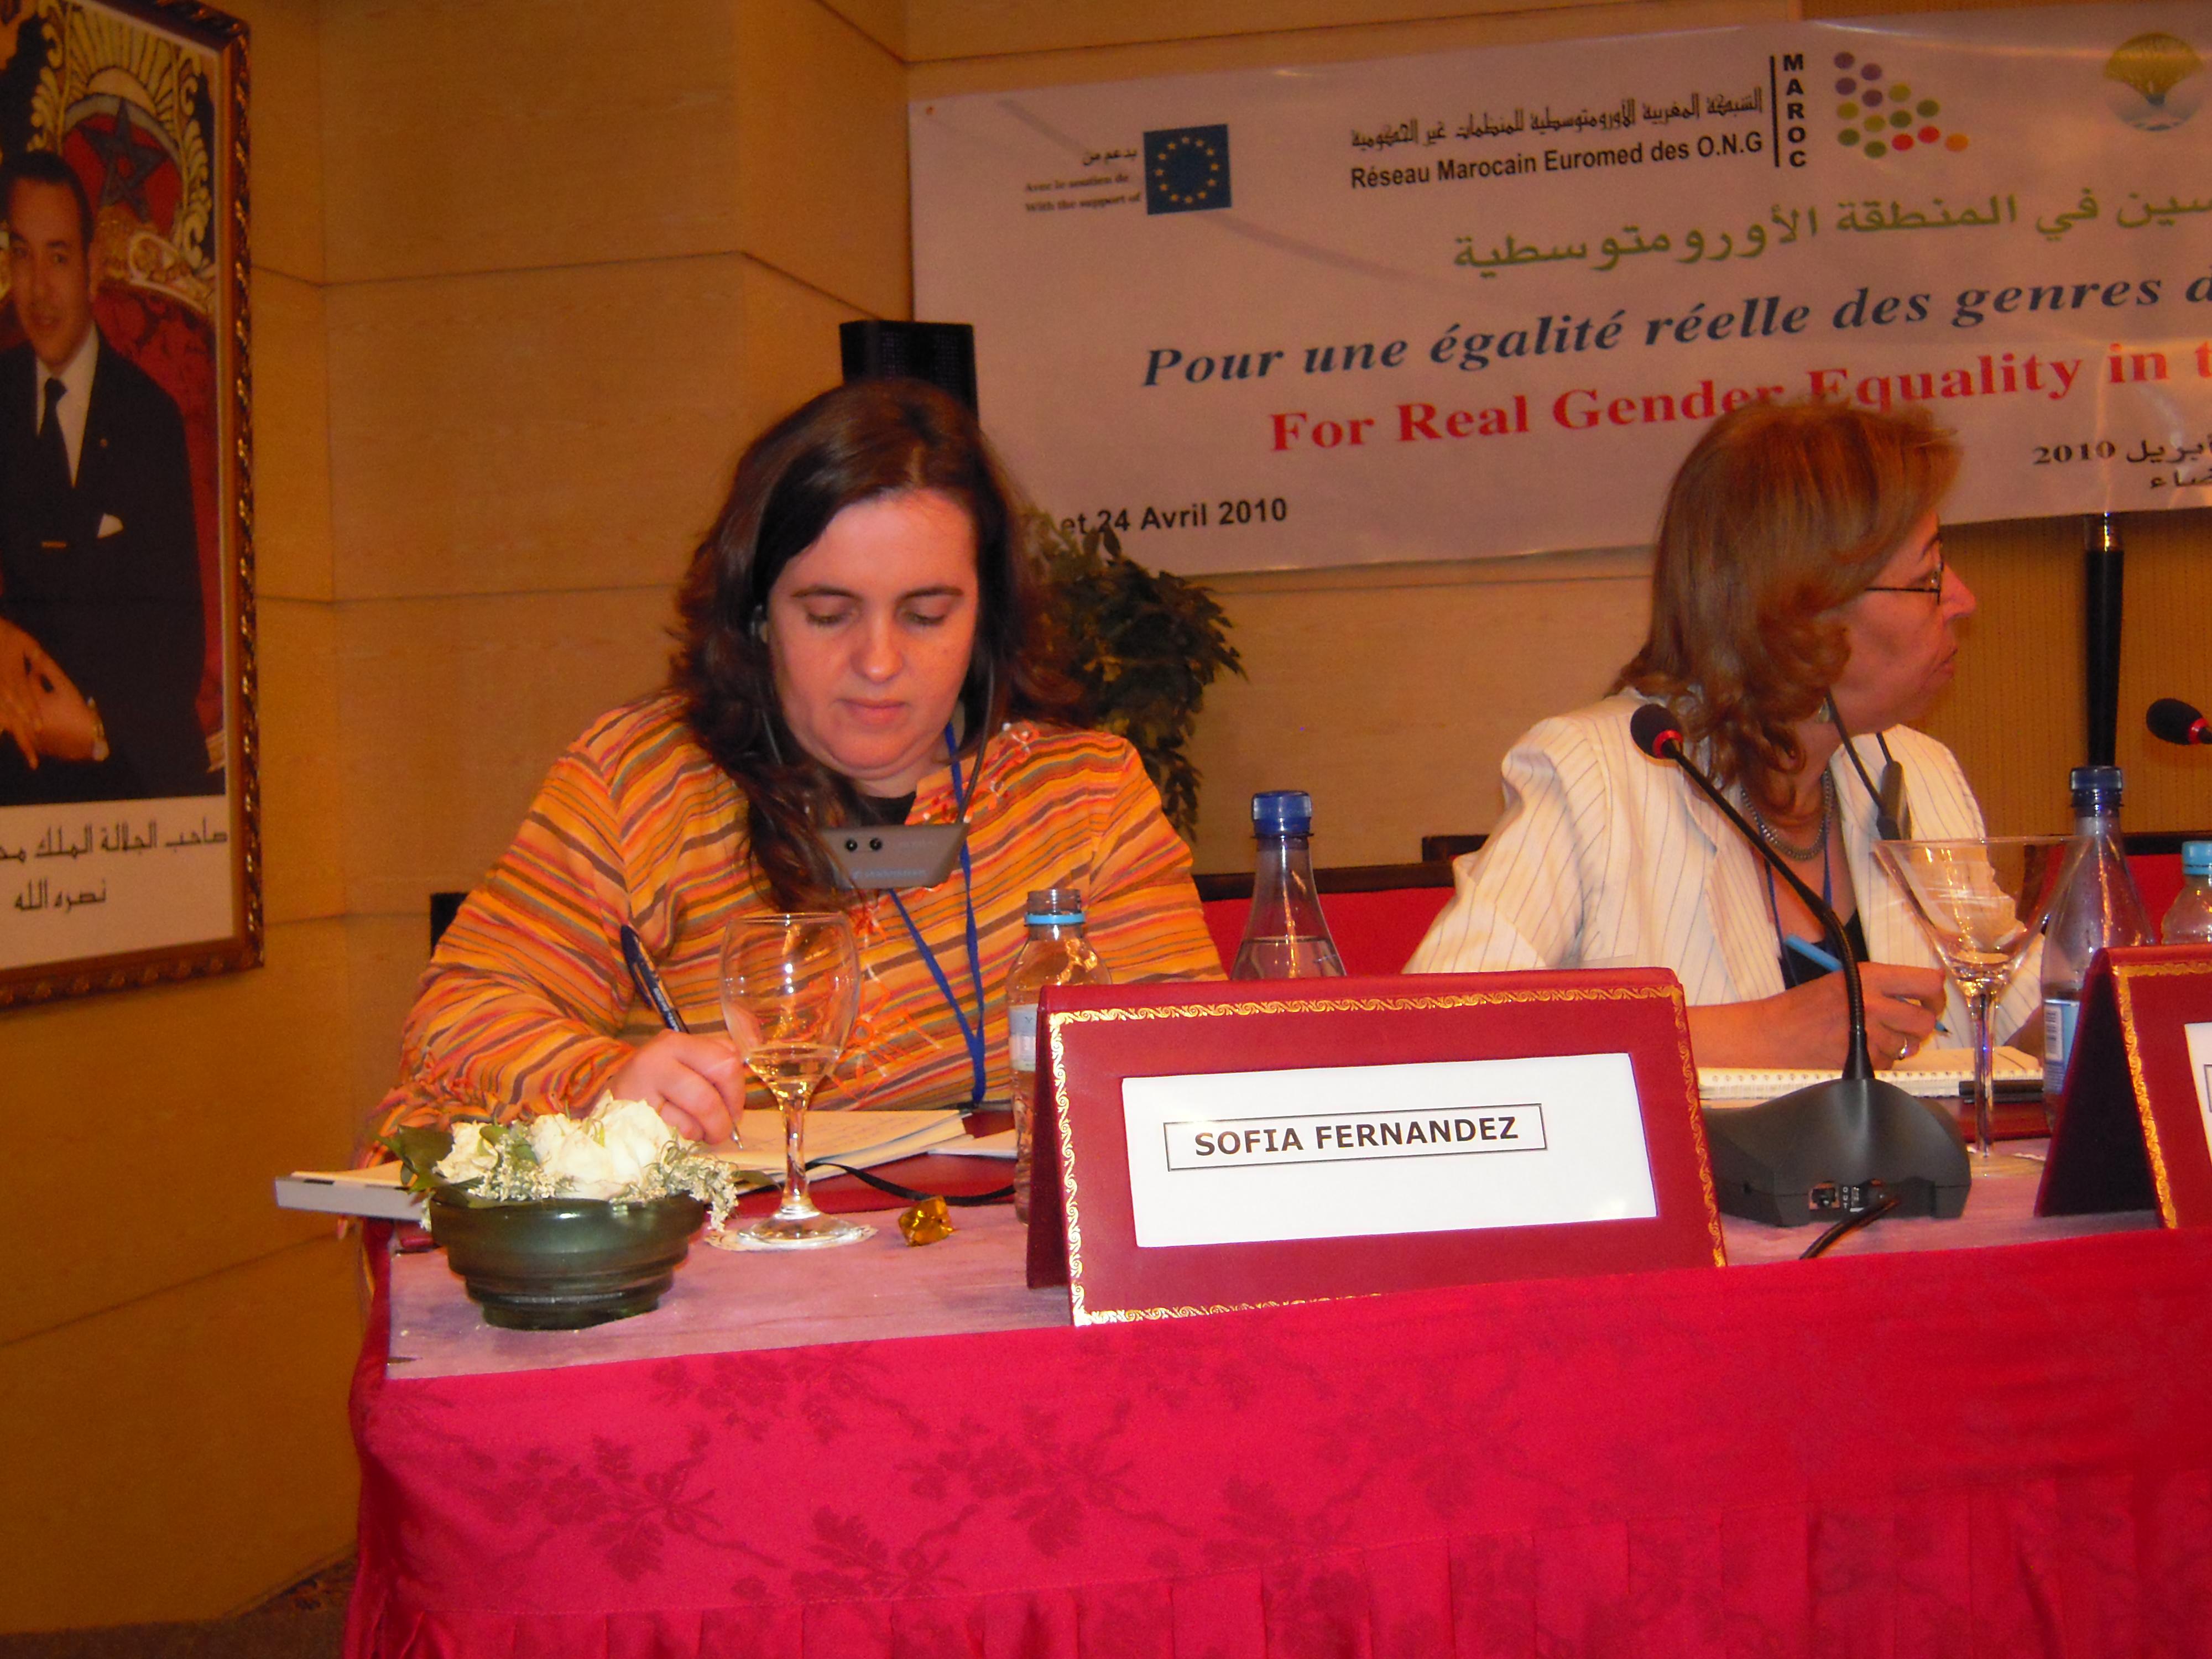 Seminário em Casblanca, Marrocos: Por uma real igualdade de género no Euromediterrâneo